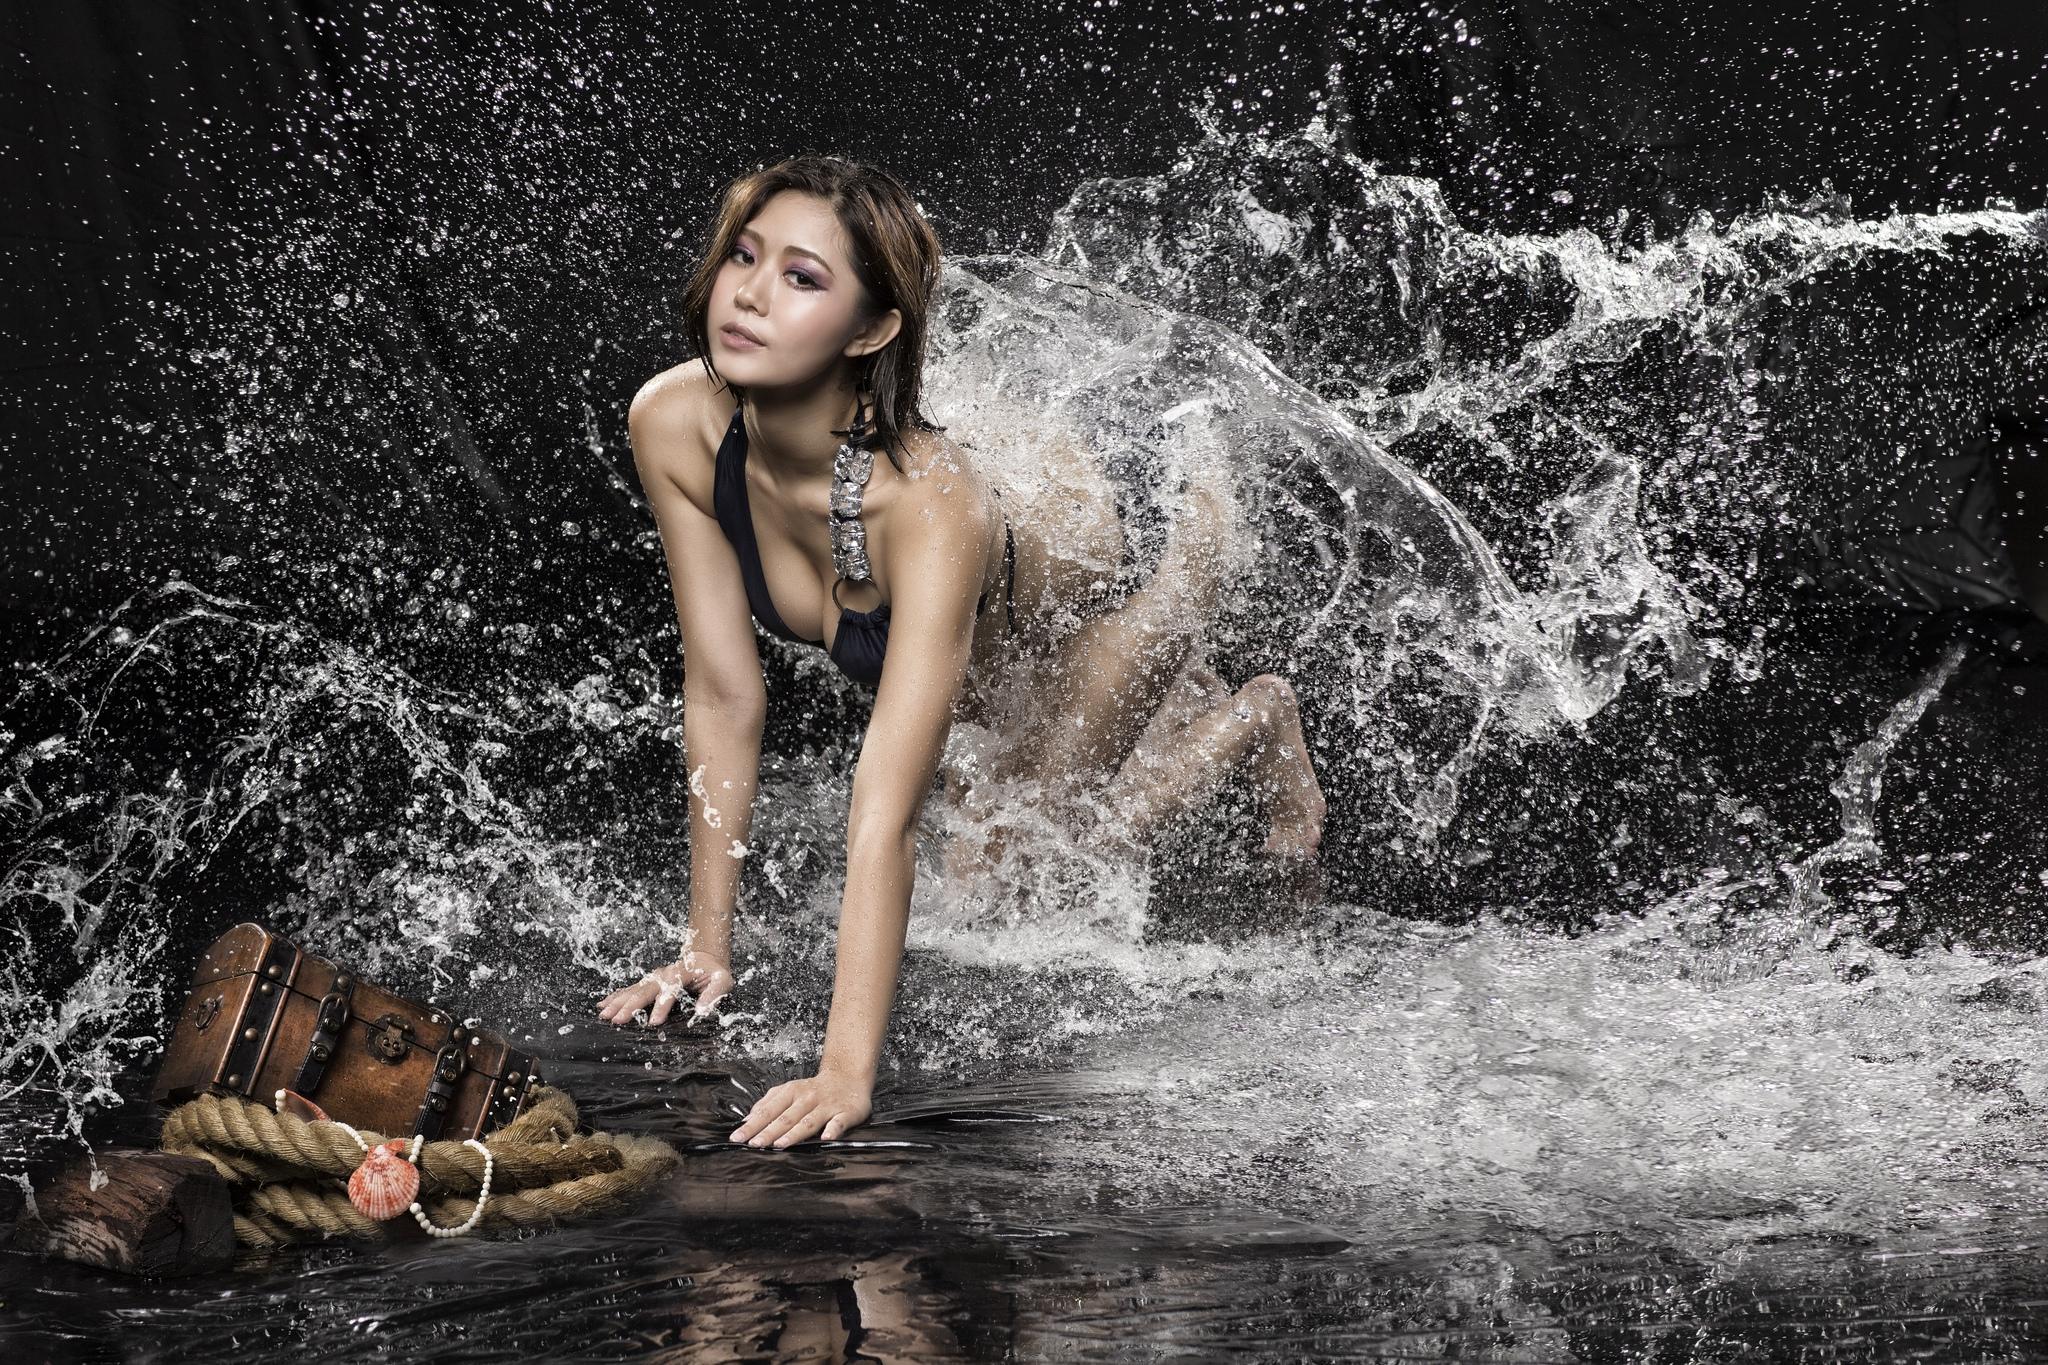 девушки соло вода